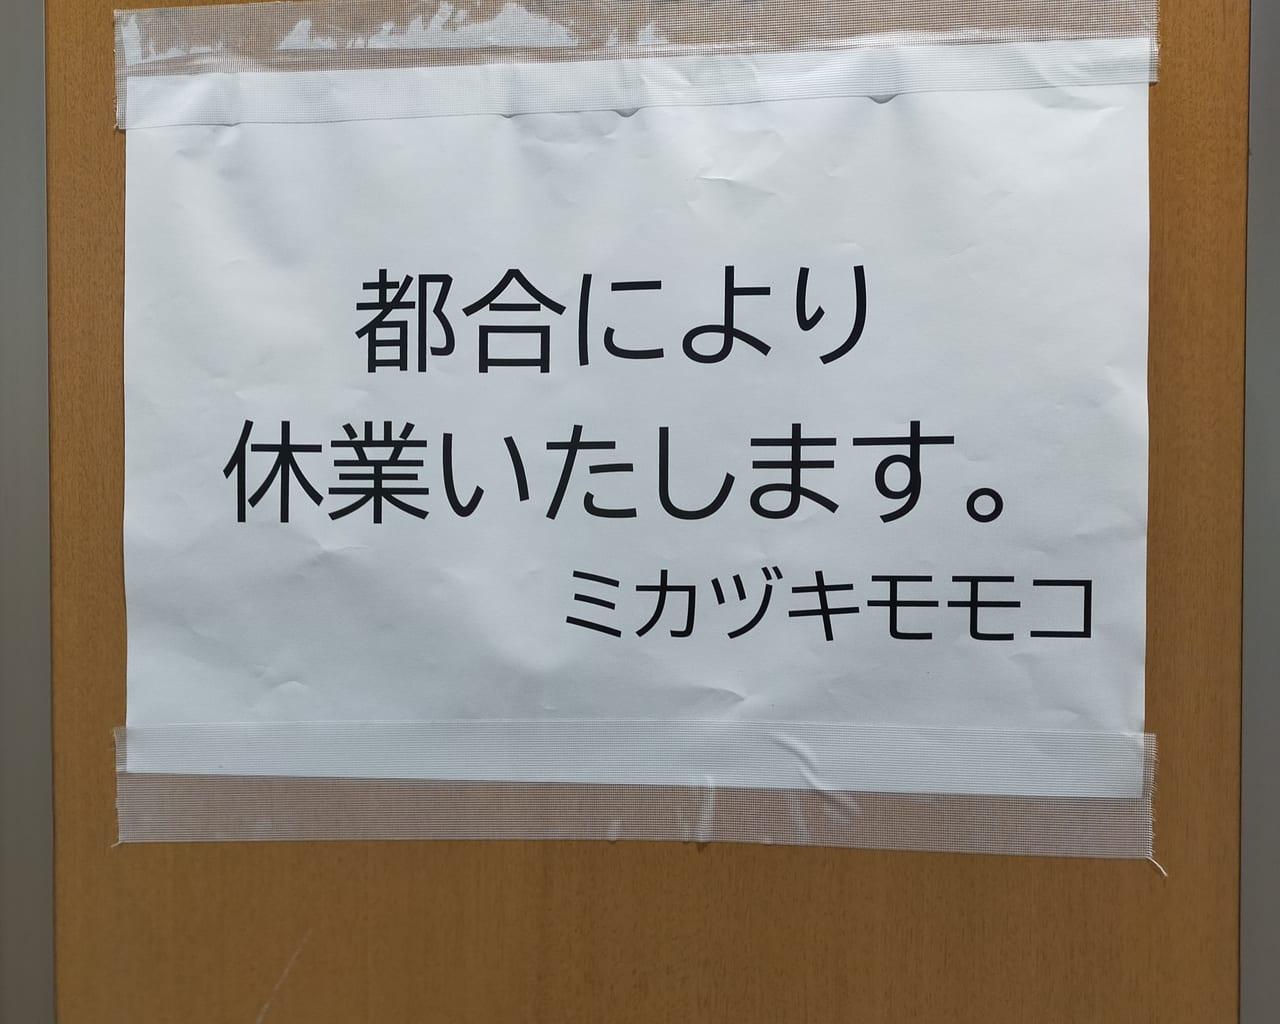 「ミカヅキモモコ」が倒産。一部店舗は別会社が事業譲受。「ミカヅキモモコ ラスカ平塚店」は休業のお知らせ。今後リニューアルオープンはあるのでしょうか?